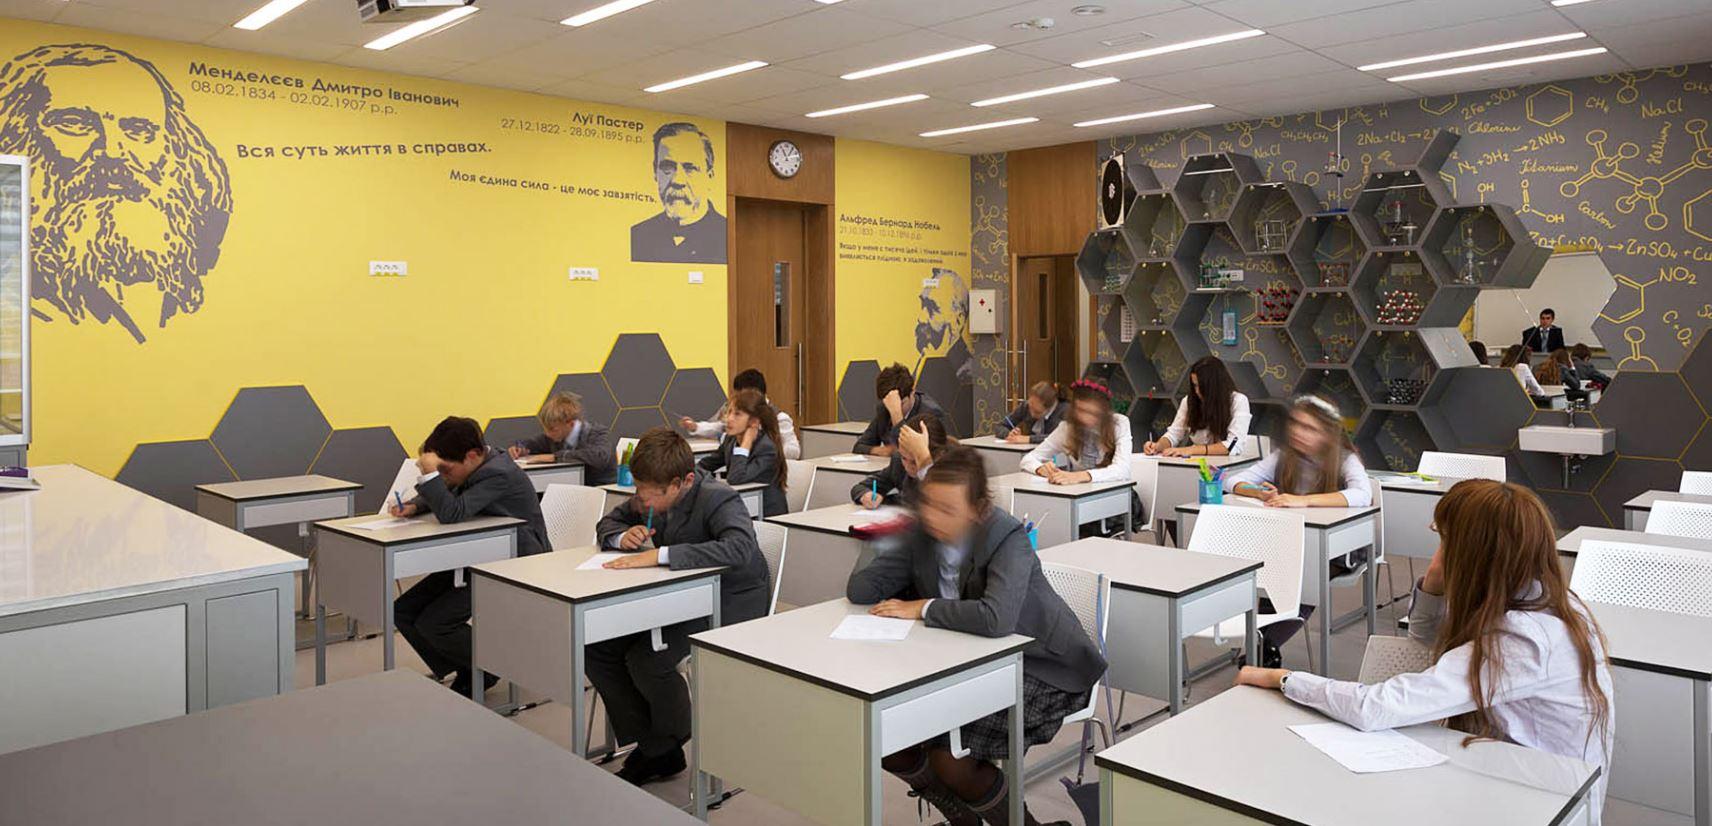 C mo dise ar una escuela para fomentar el aprendizaje ovacen for Escuela de decoracion de interiores